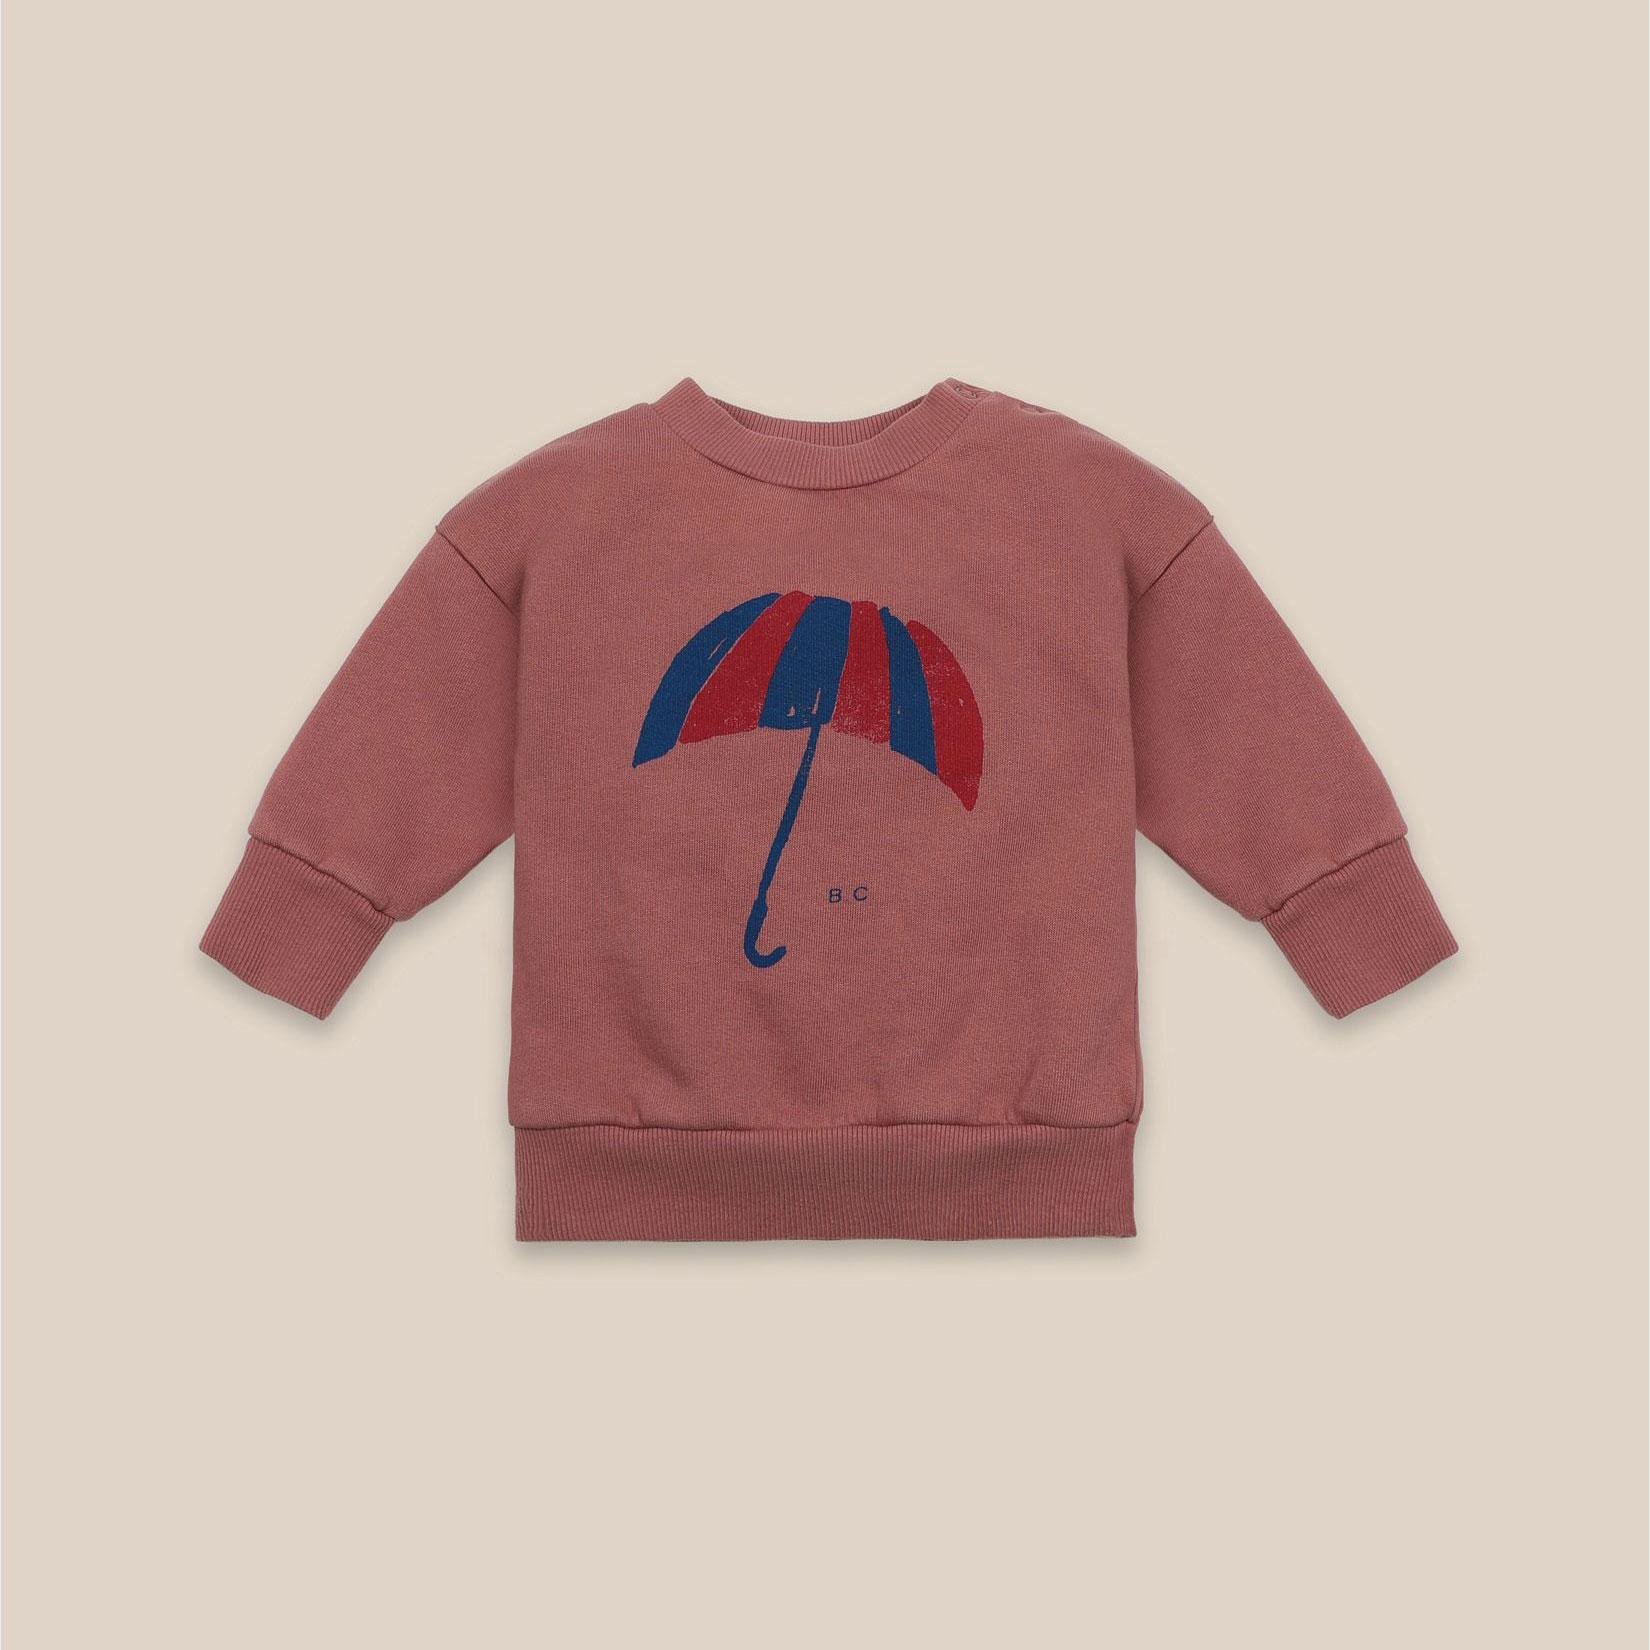 Bobo Choses - Baby Umbrella Sweatshirt